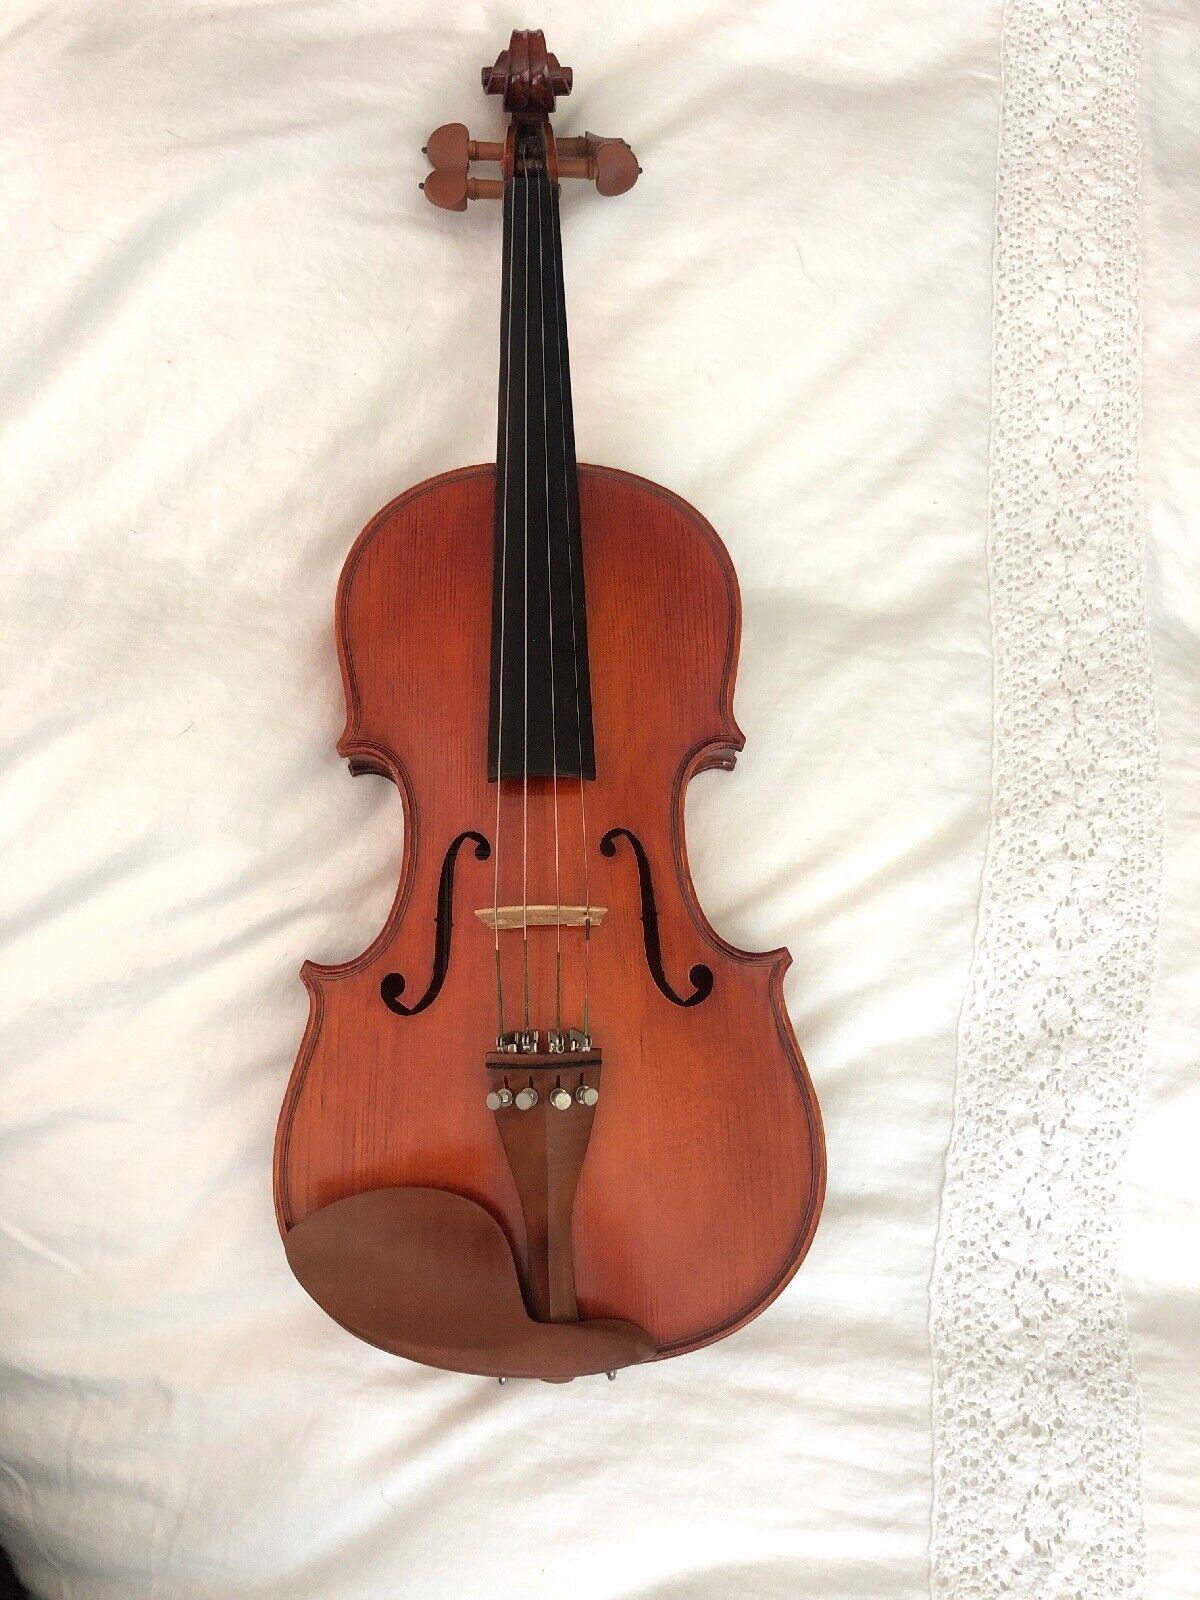 Handmade Violin Copy Of DelJesu